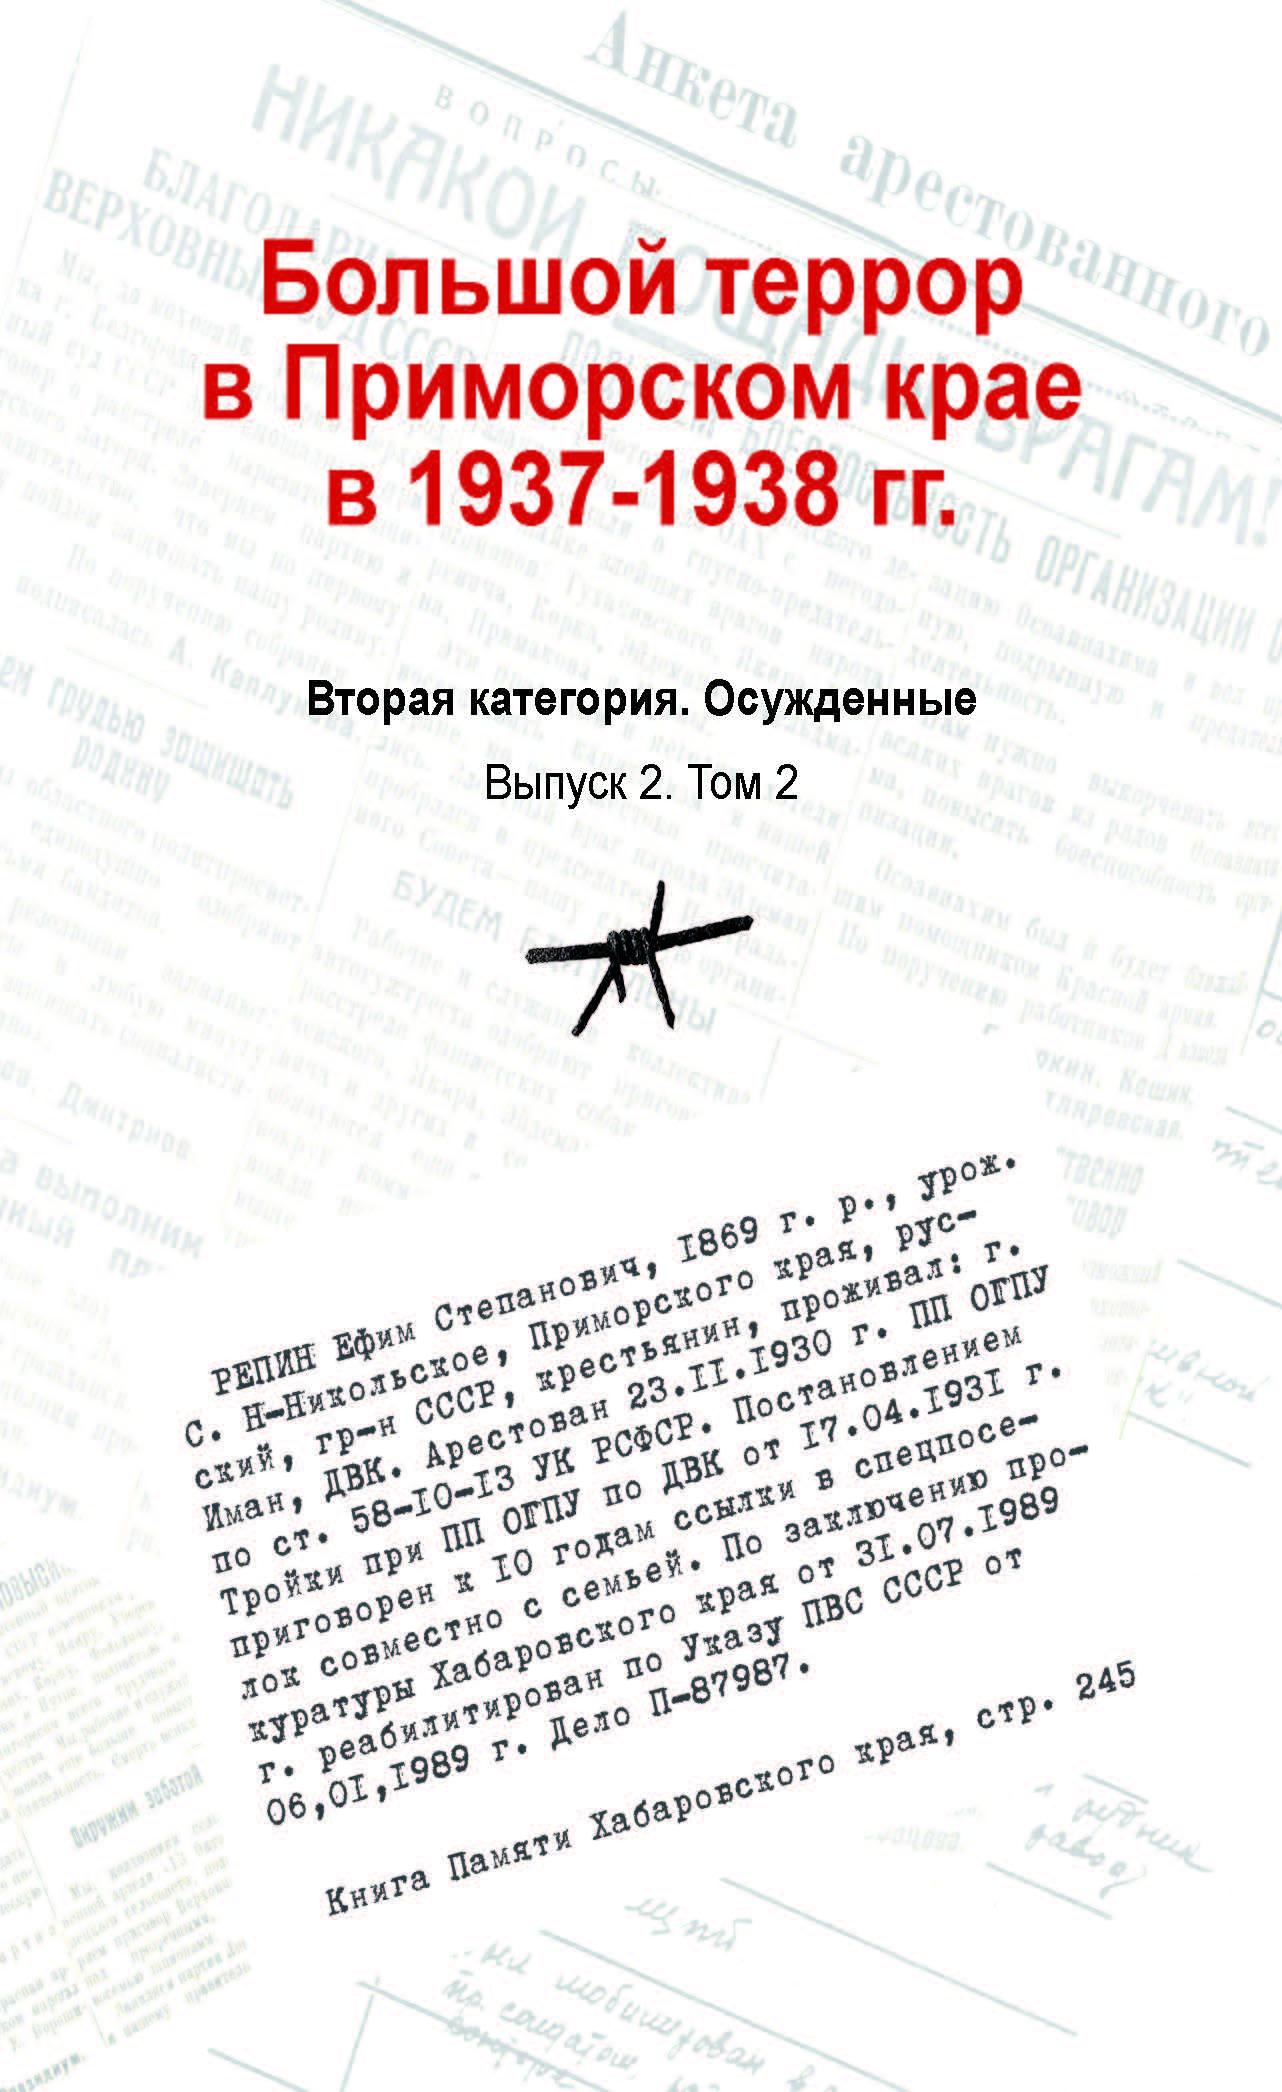 Большой террор в Приморском крае в 1937-1938 гг. Выпуск 2. Том.2